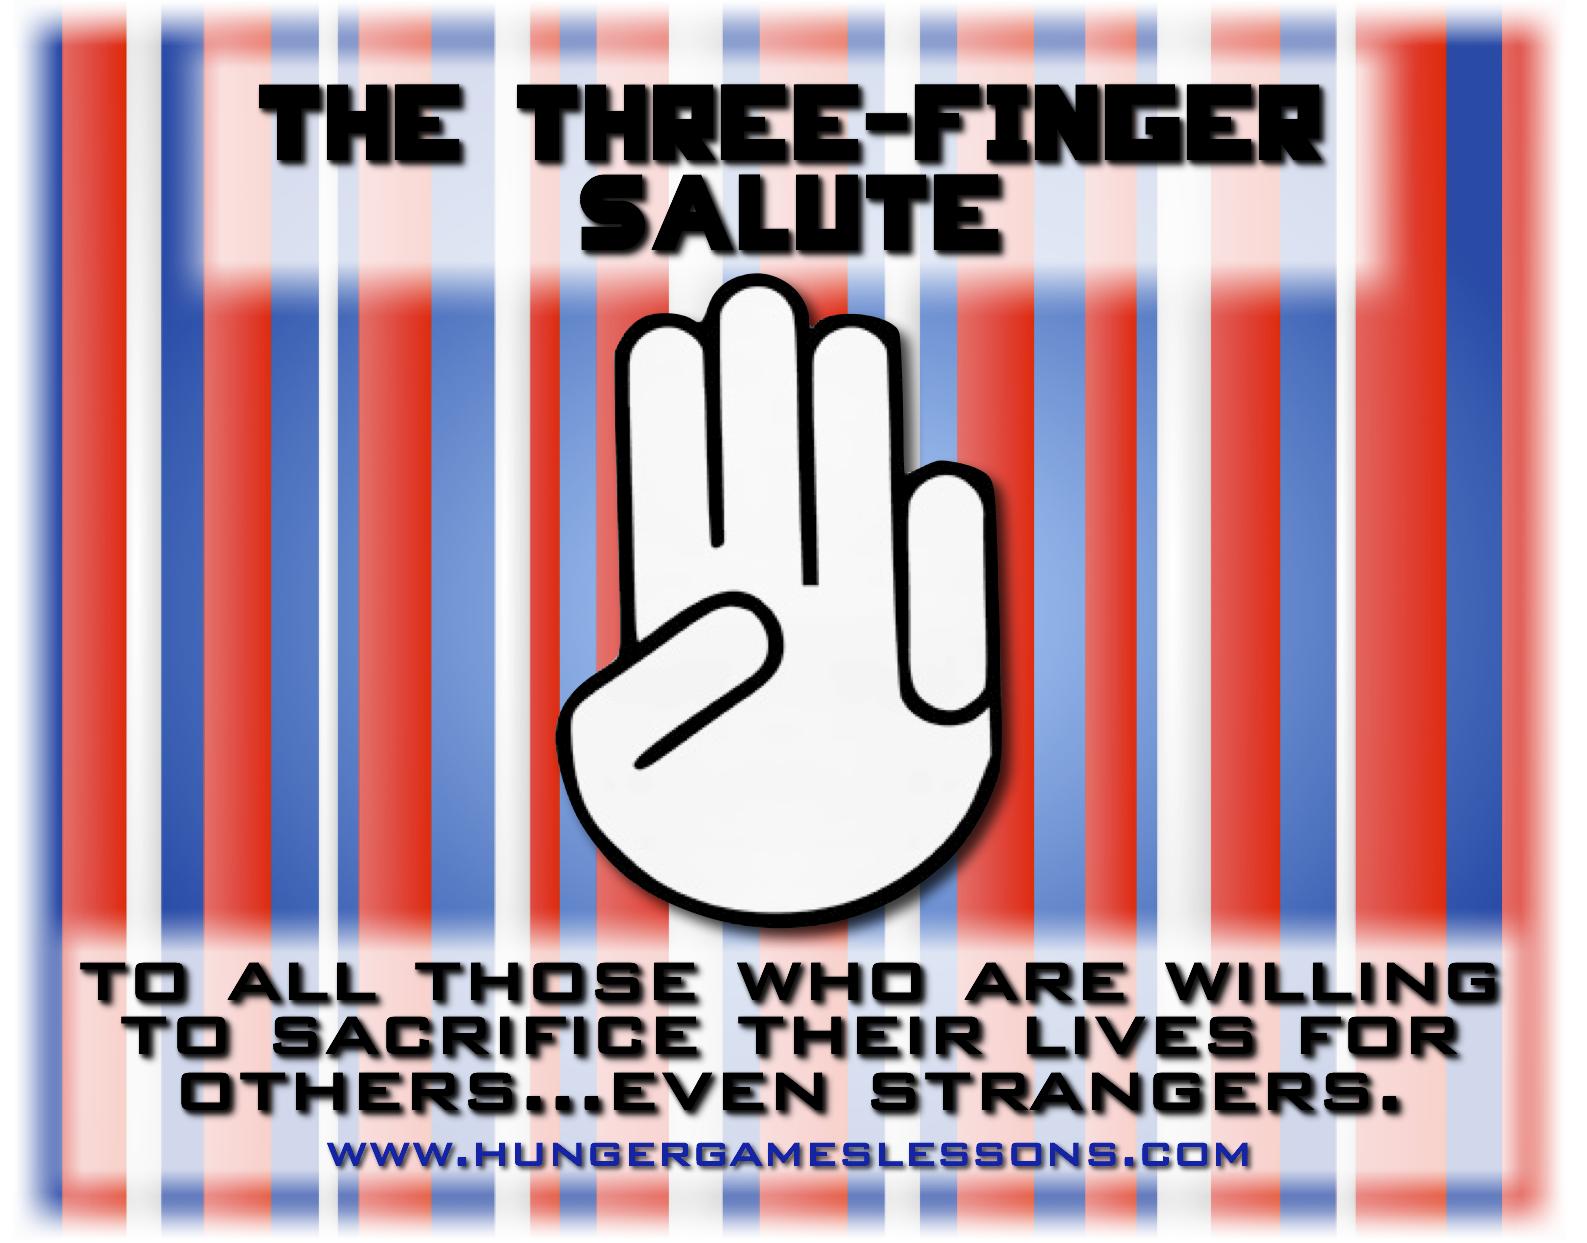 http://4.bp.blogspot.com/-0O5vIOW6hTg/UKAZ7kxOD3I/AAAAAAAAE1A/FCTqWevhB3w/s1600/VeteransDay3FingerSaluteHungerGames.png